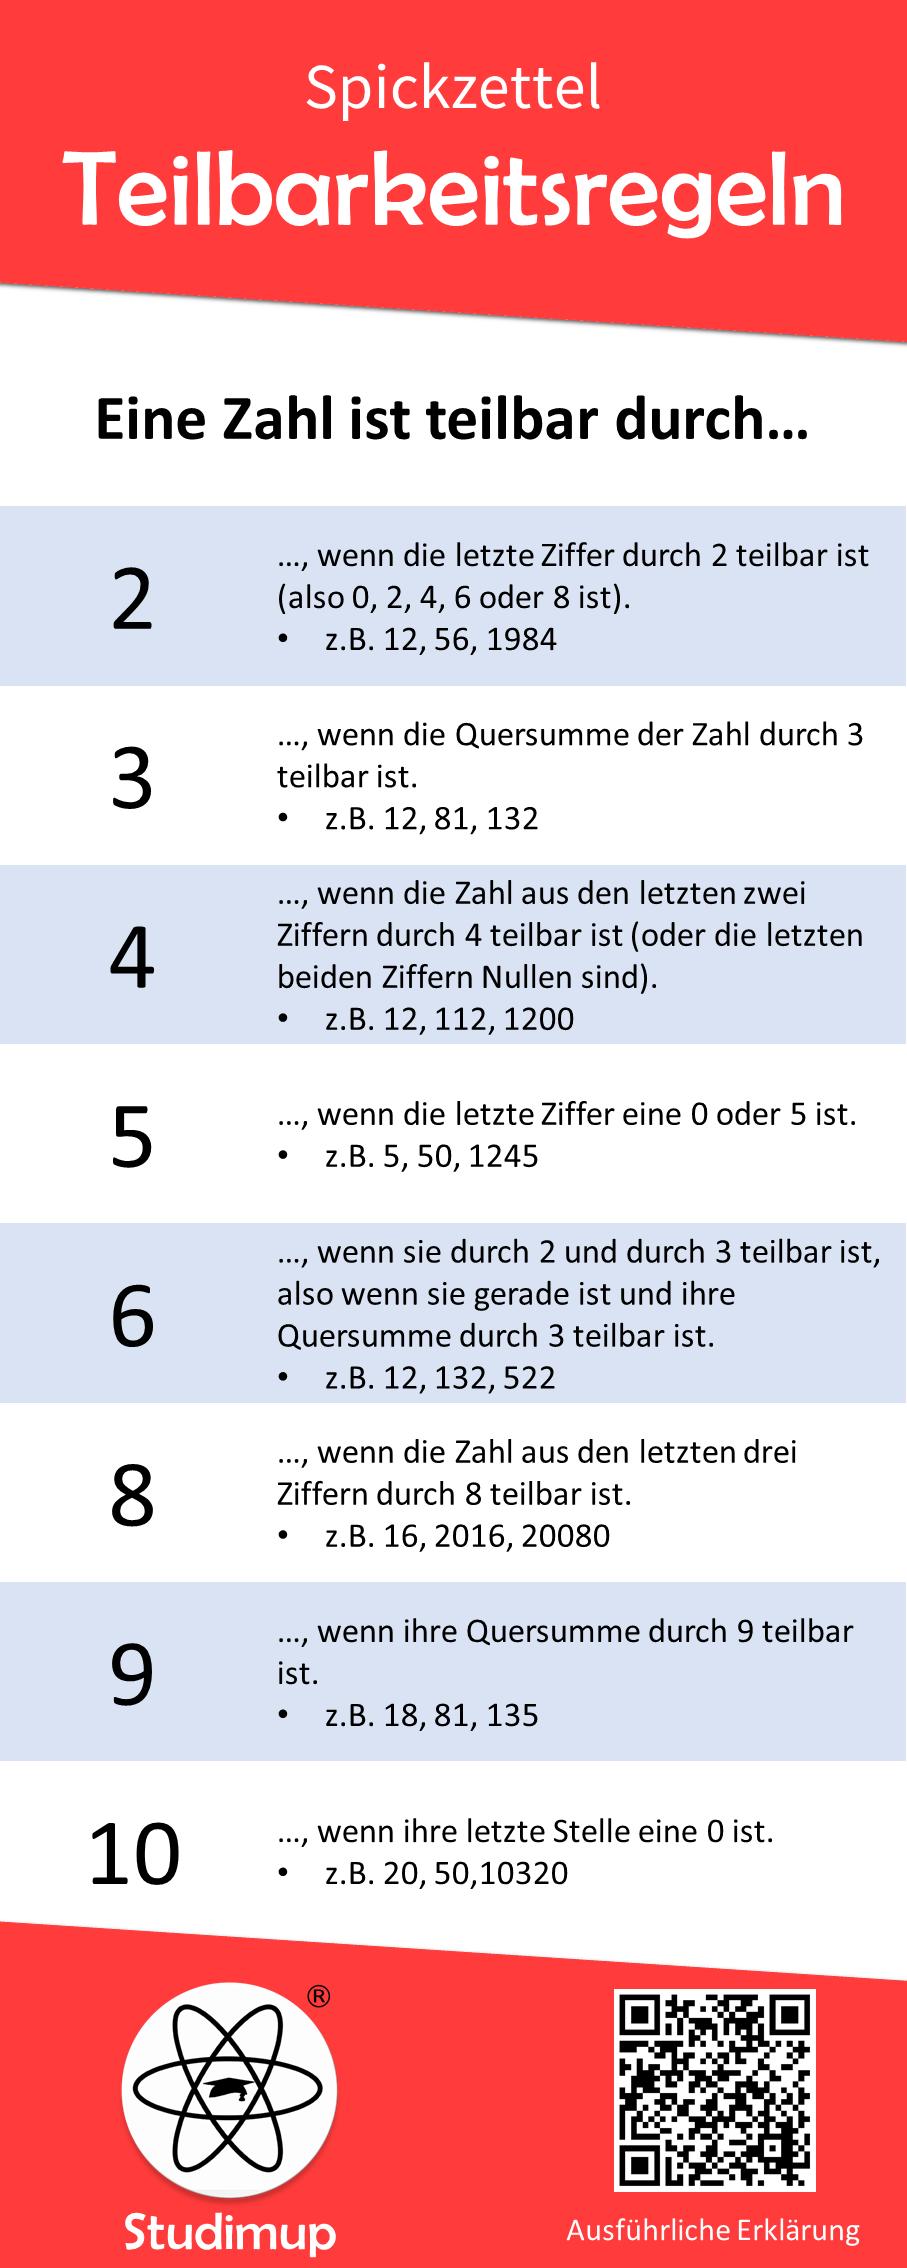 Teilbarkeitsregeln Spickzettel Nachhilfe Mathe Spickzettel Teilbarkeitsregeln